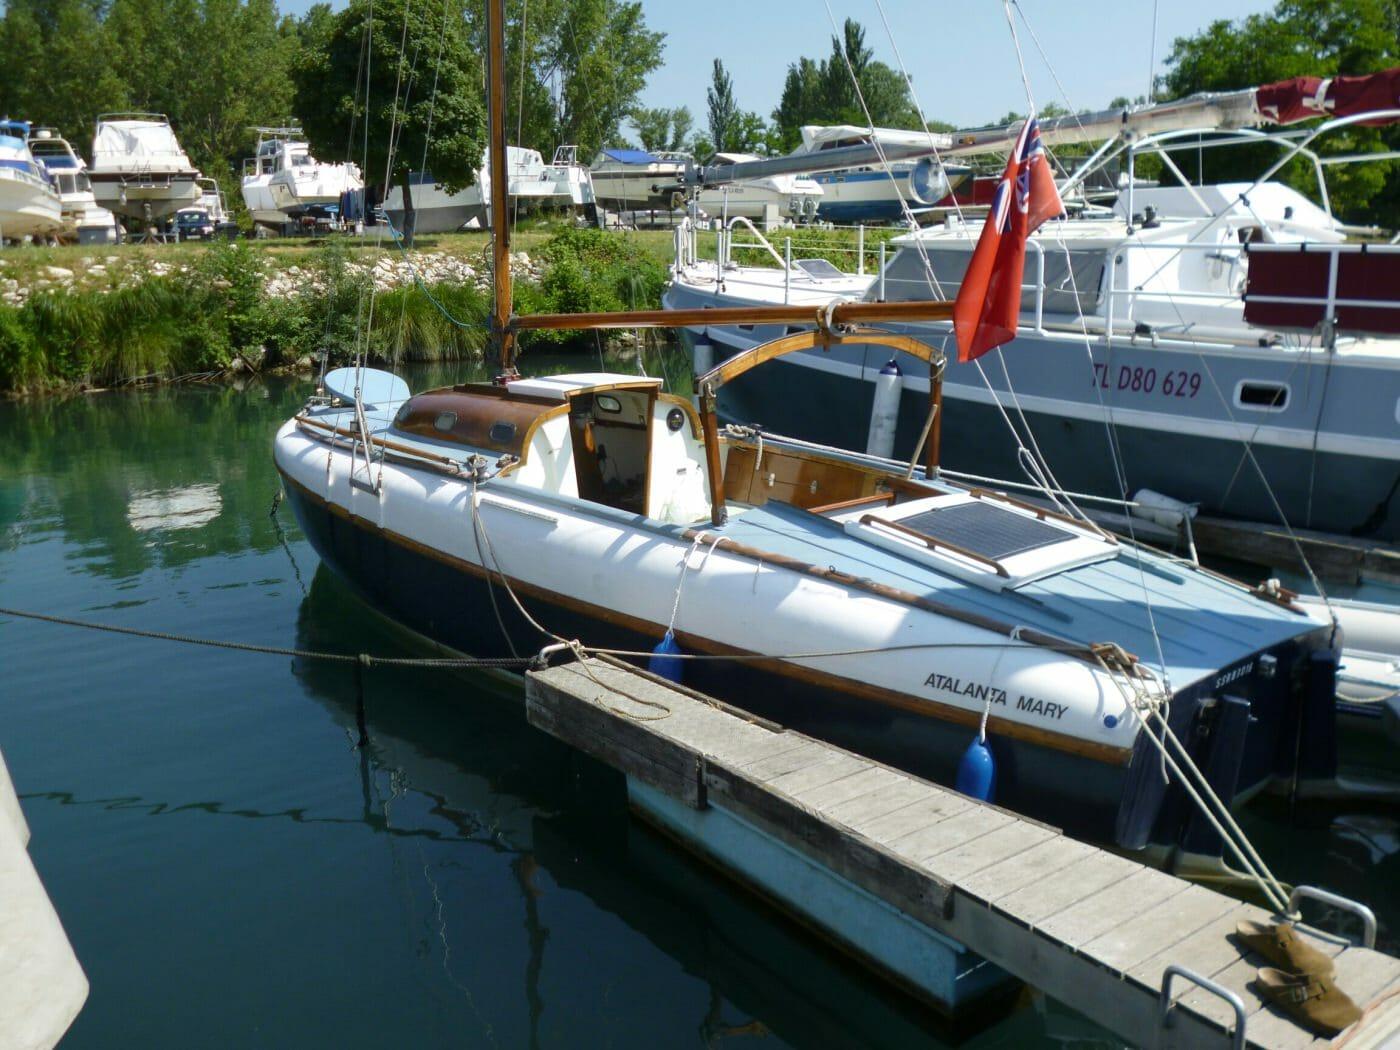 Boat repairs.